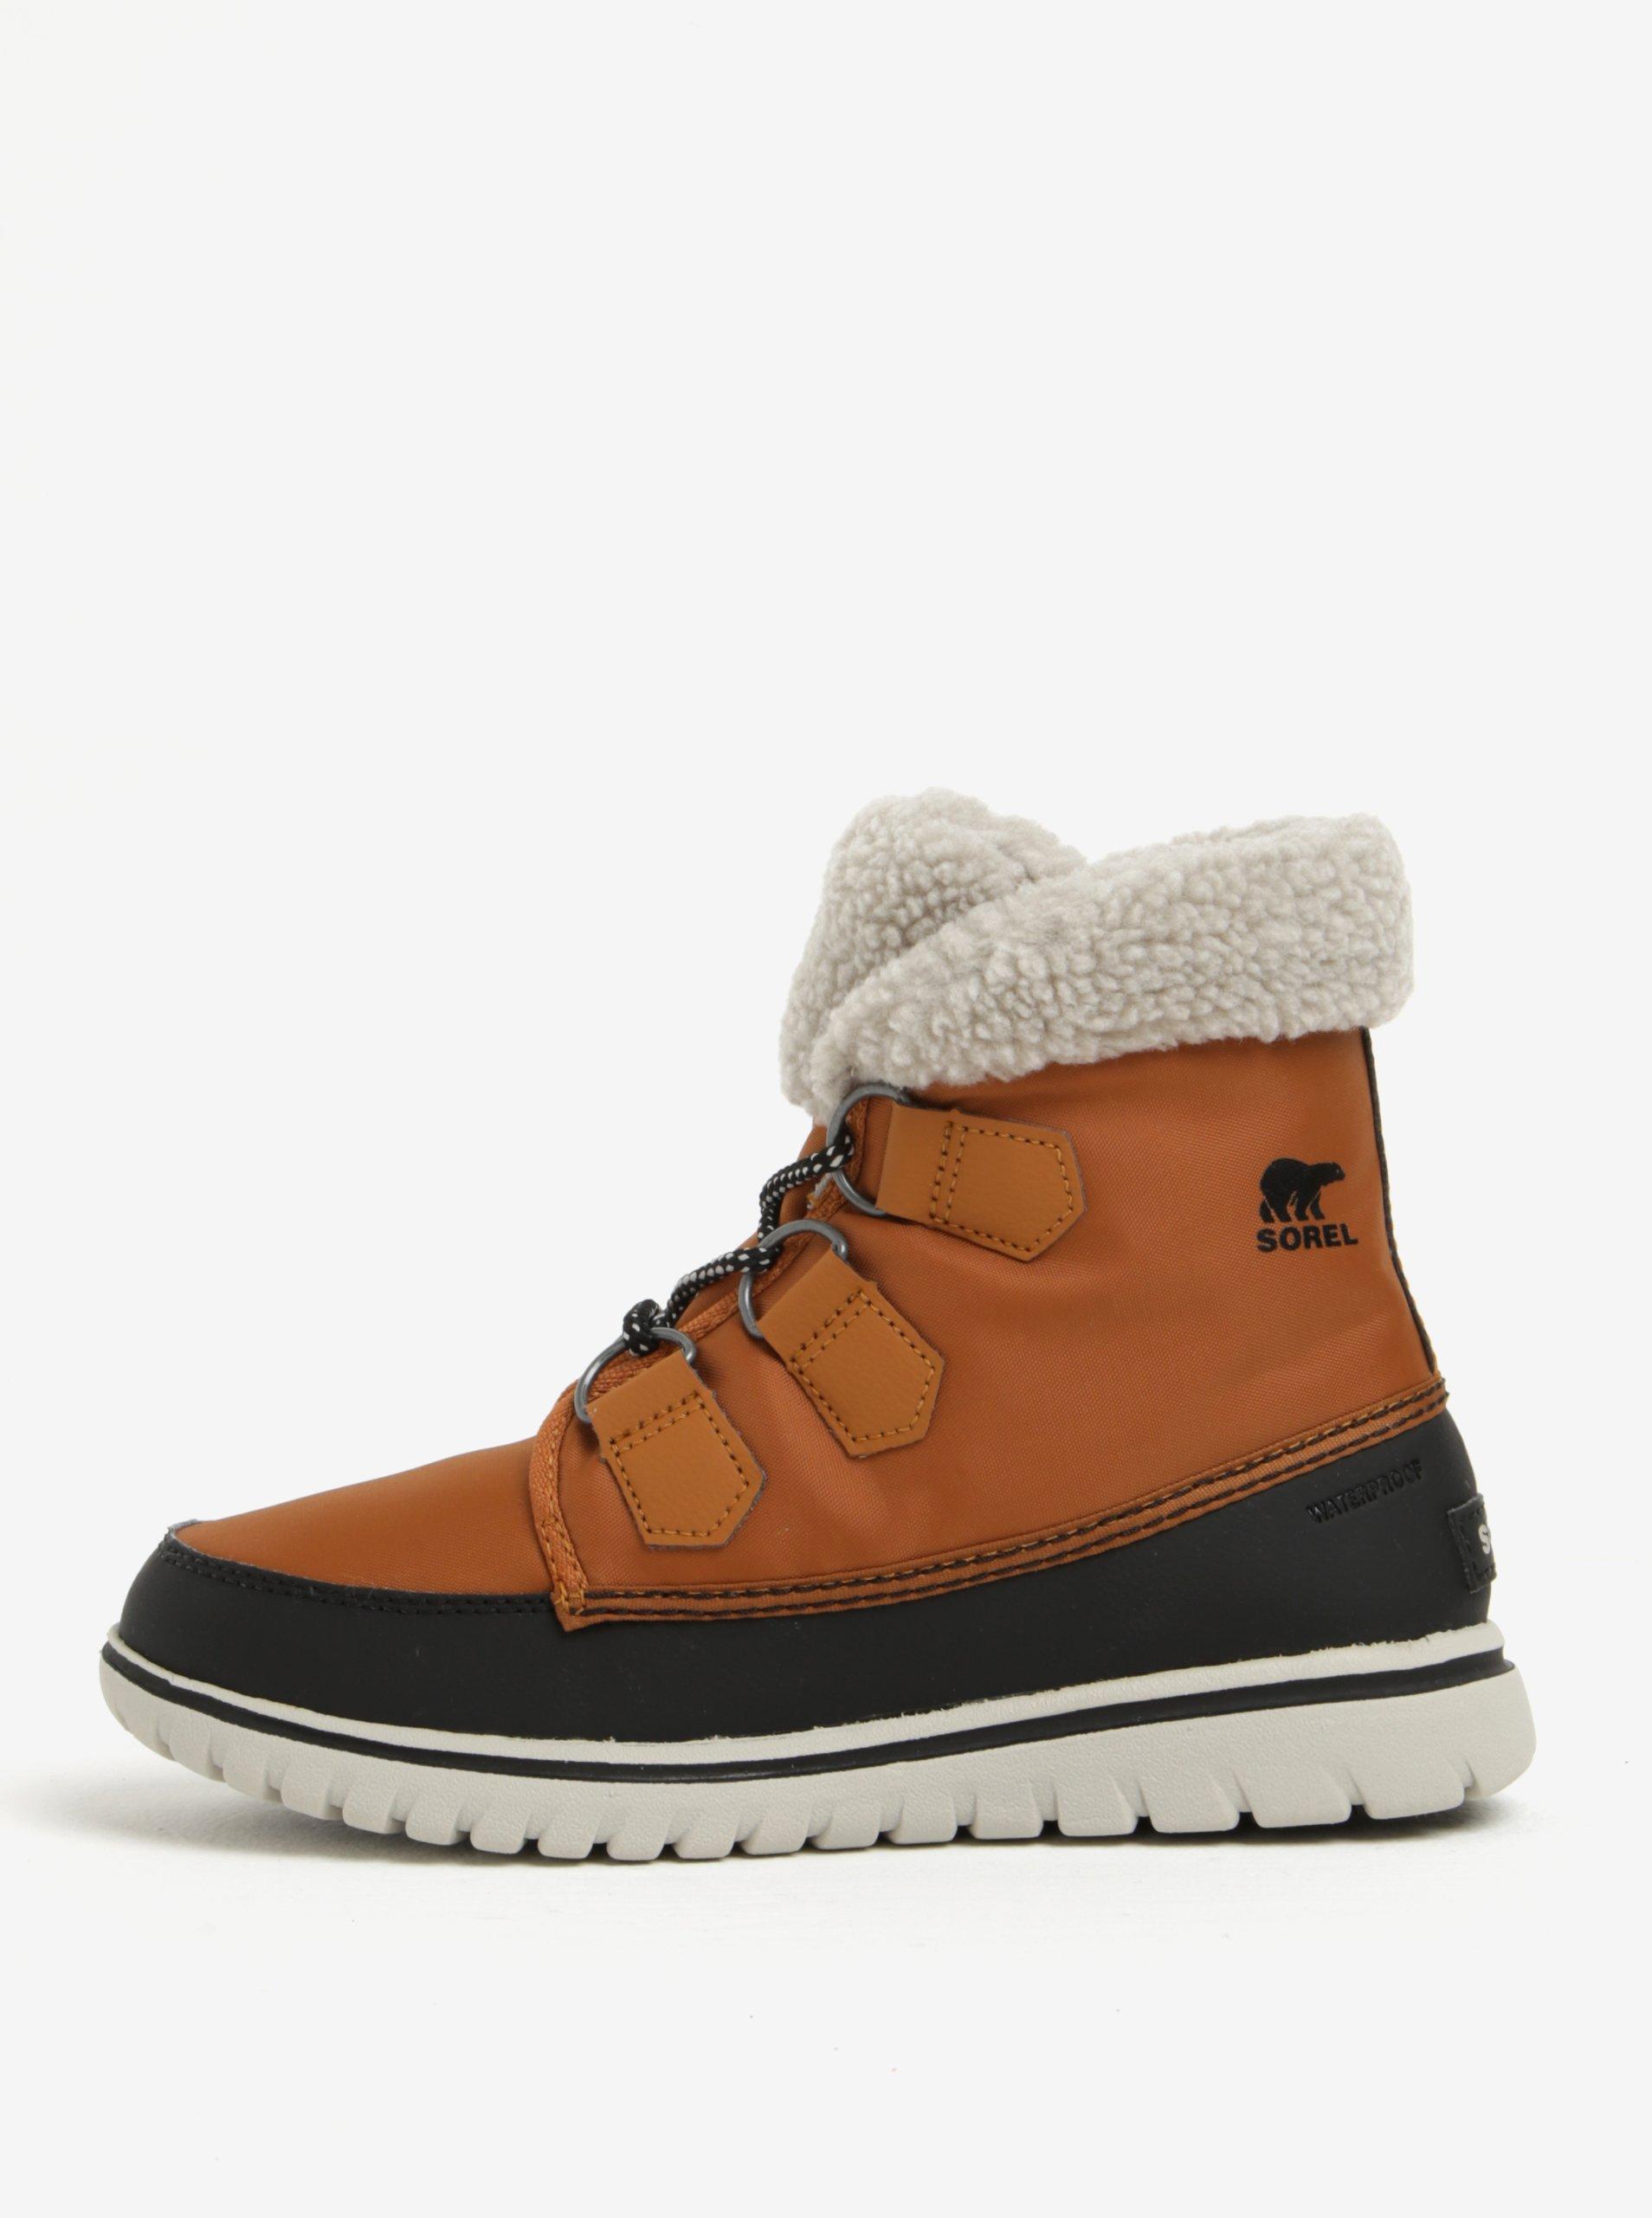 Hnědé dámské kotníkové voděodolné zimní boty s umělým kožíškem SOREL